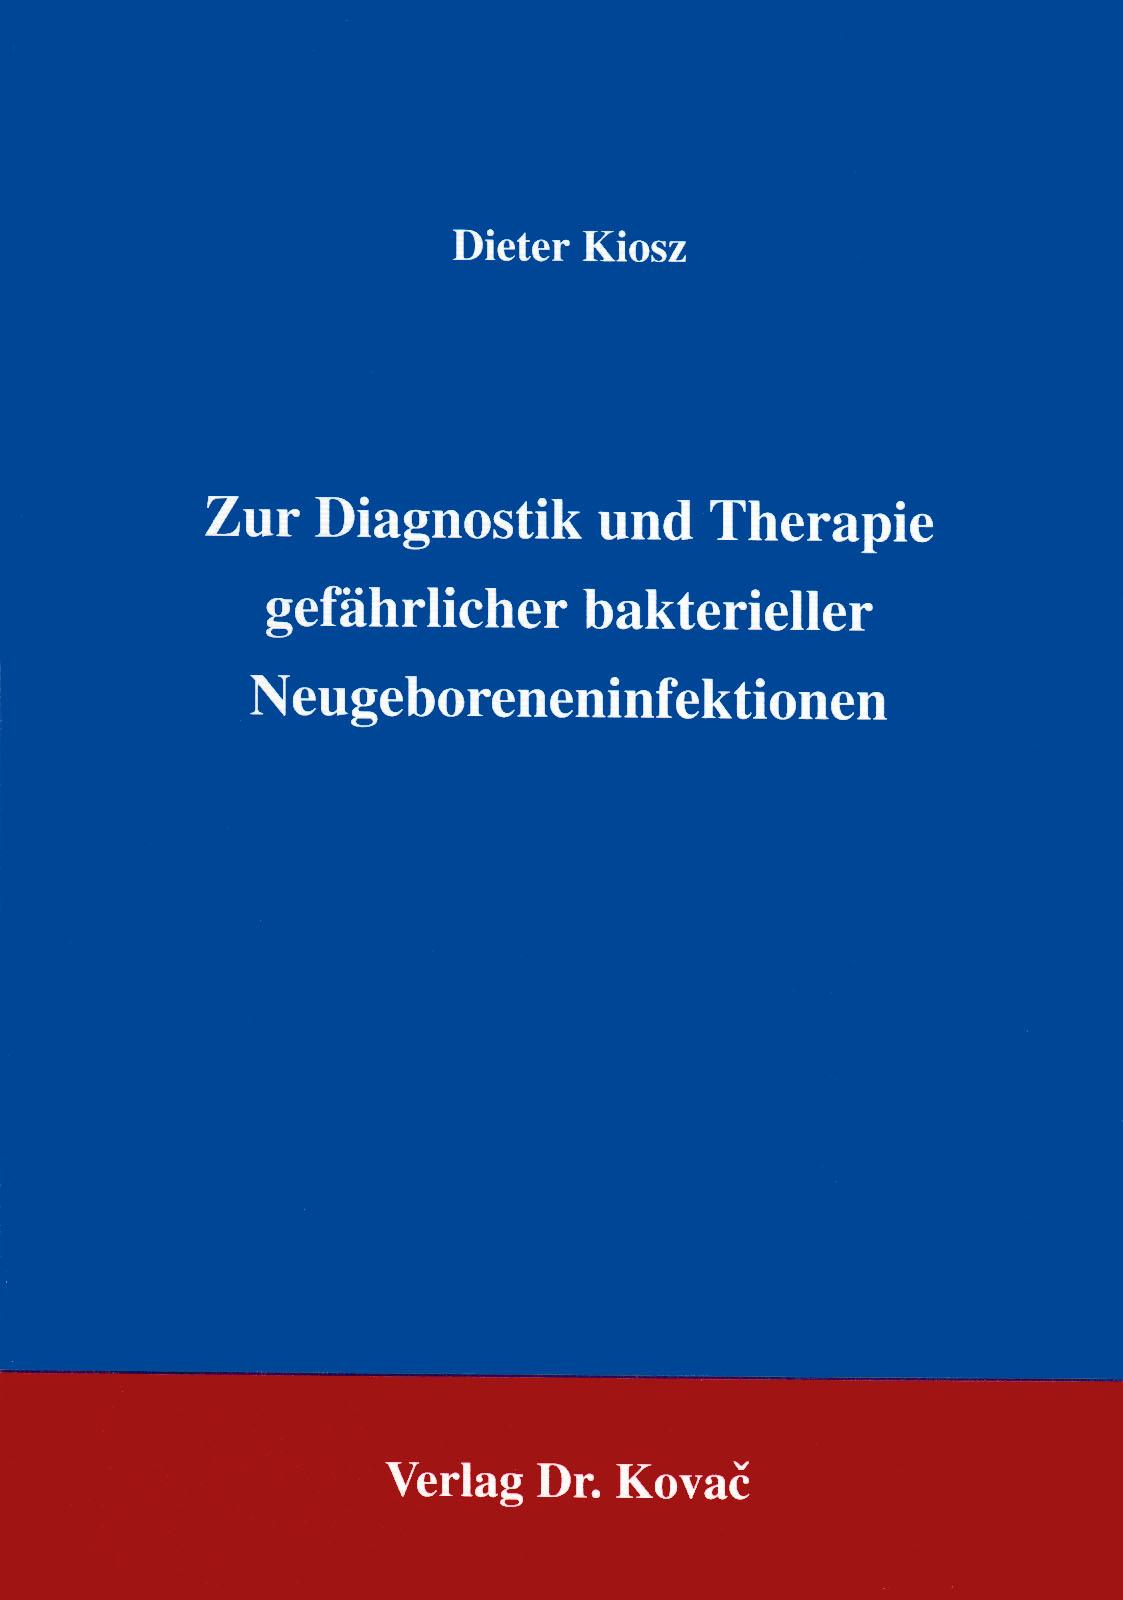 Cover: Zur Diagnostik und Therapie gefährlicher bakterieller Neugeboreneninfektionen